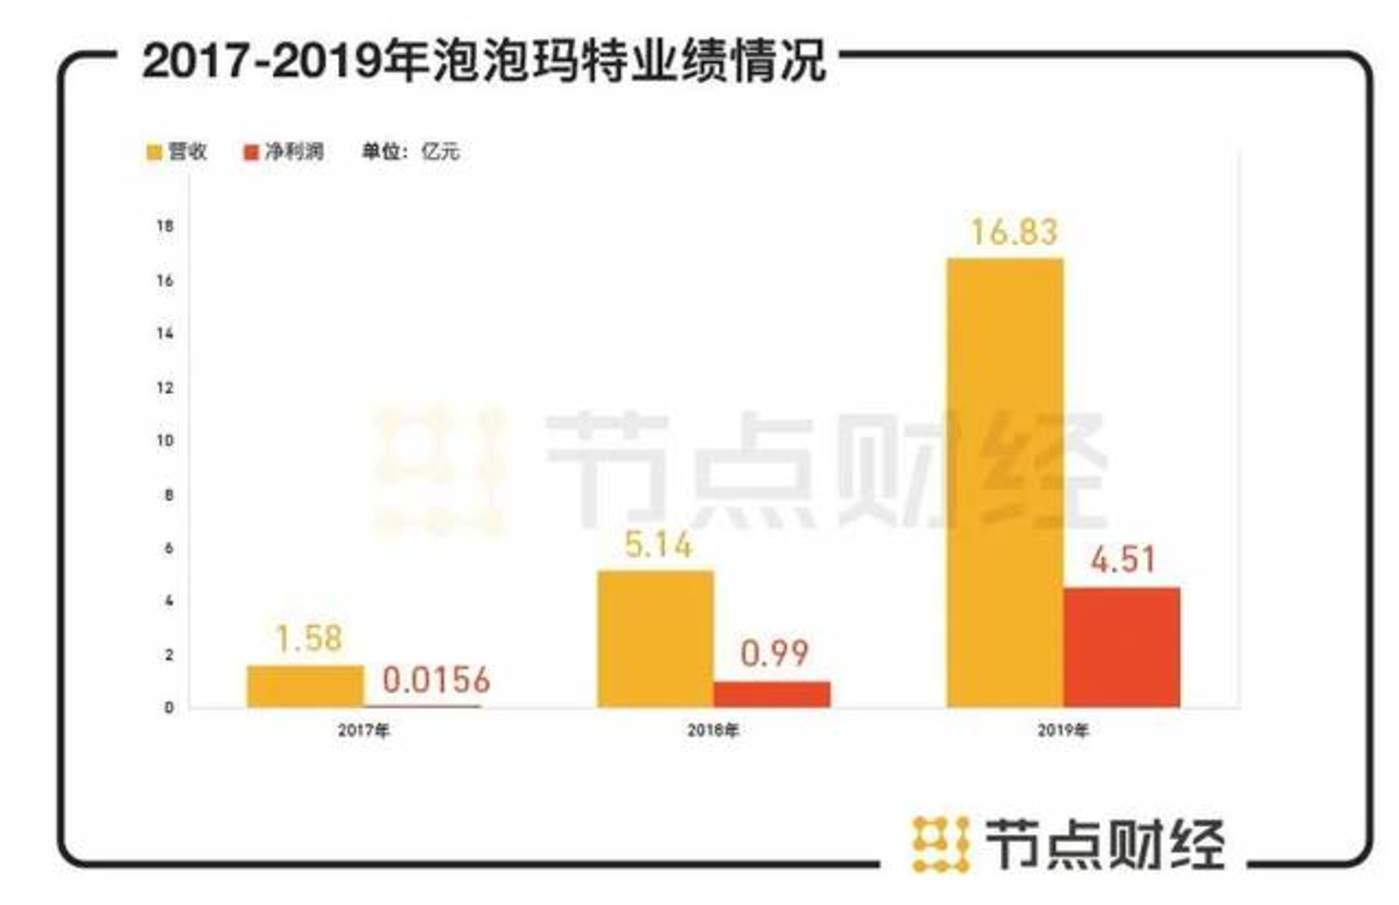 数据来源:泡泡玛特招股书